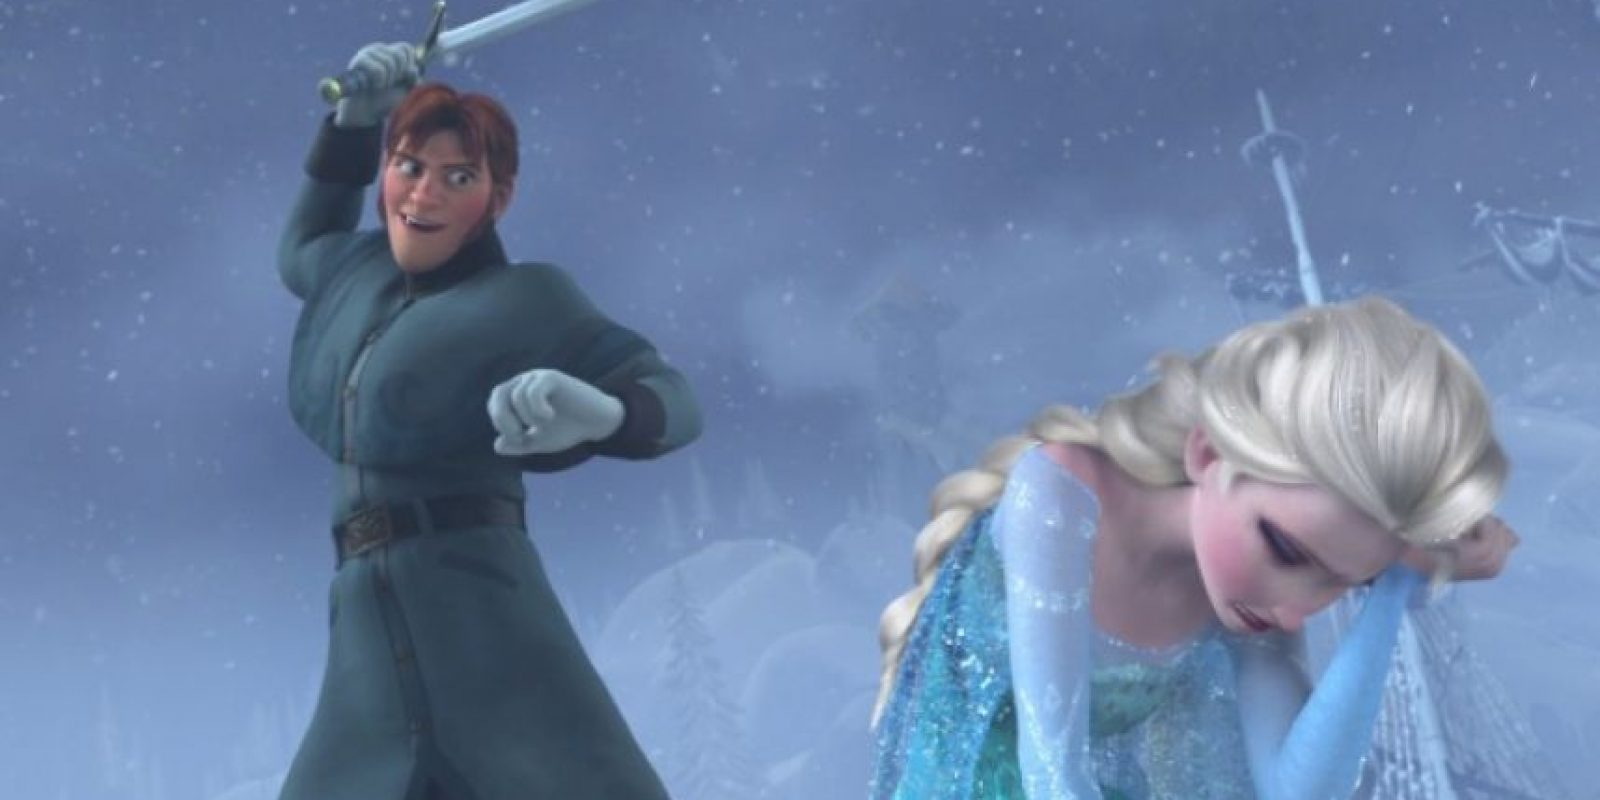 """""""El intento de asesinato del príncipe 'Hans' para con la reina 'Elsa' se realizó en nombre de la nación de 'Arendelle', que ciertamente hubiera sufrido una inmensa pérdida y pérdidas económicas si el invierno se hubiera prolongado aún más"""". Foto:vía facebook.com/DisneyFrozen"""